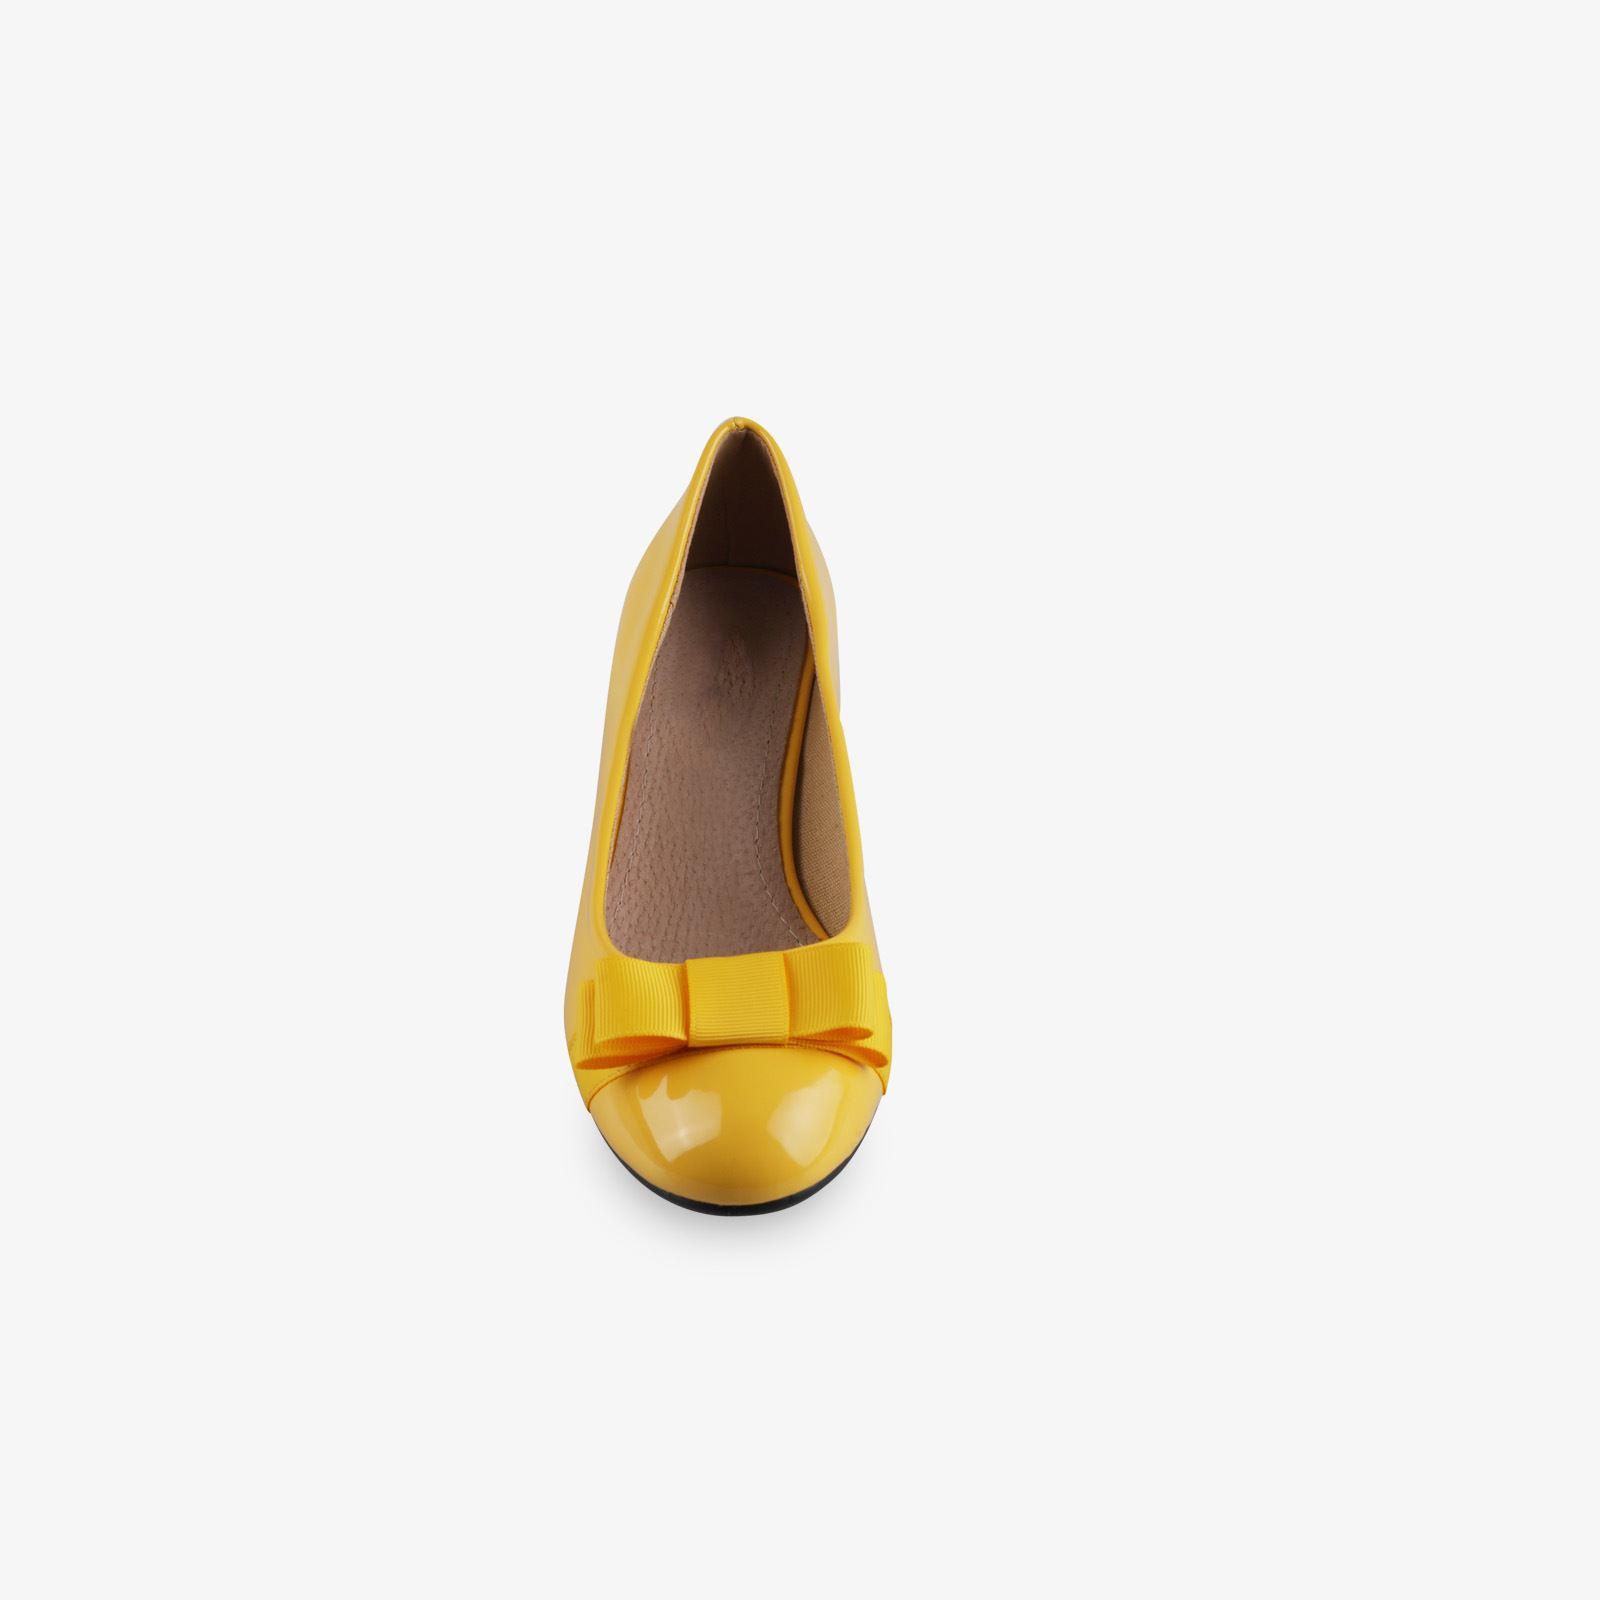 Damen-Elegante-Absatzschuhe-Hochlganz-Pumps-Blockabsatz-Ballerina-Schuhe-Chic Indexbild 10